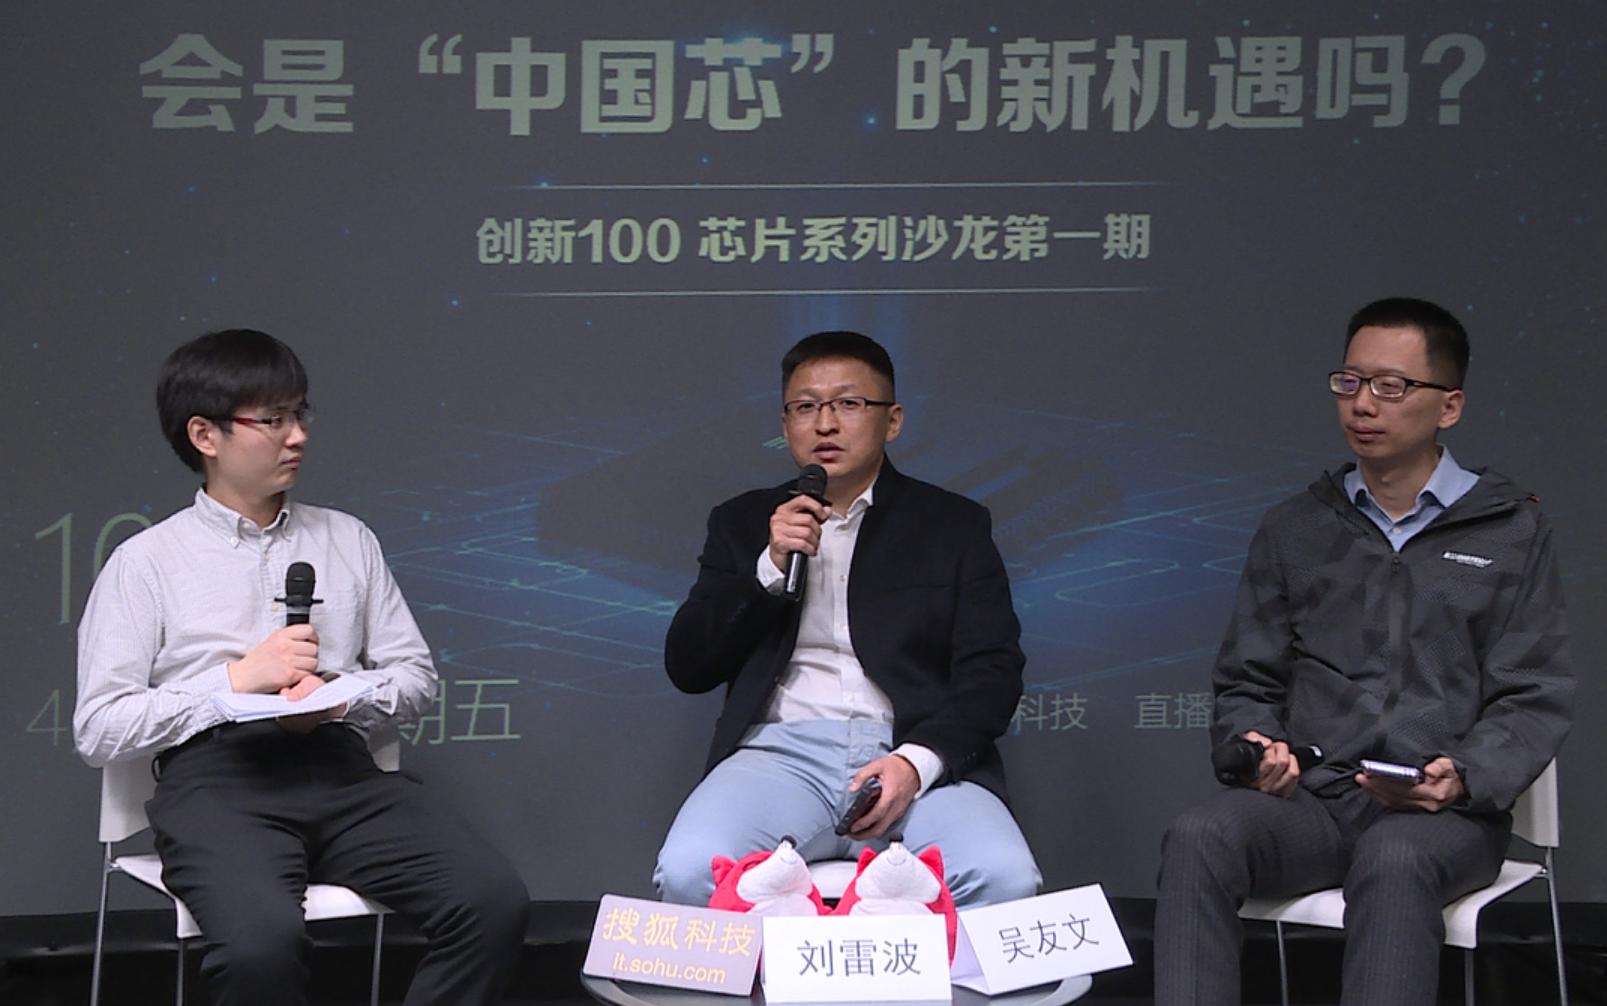 """""""三界""""嘉宾齐聚搜狐科技创新100芯片沙龙,探讨缺芯潮下国产替代新机遇"""